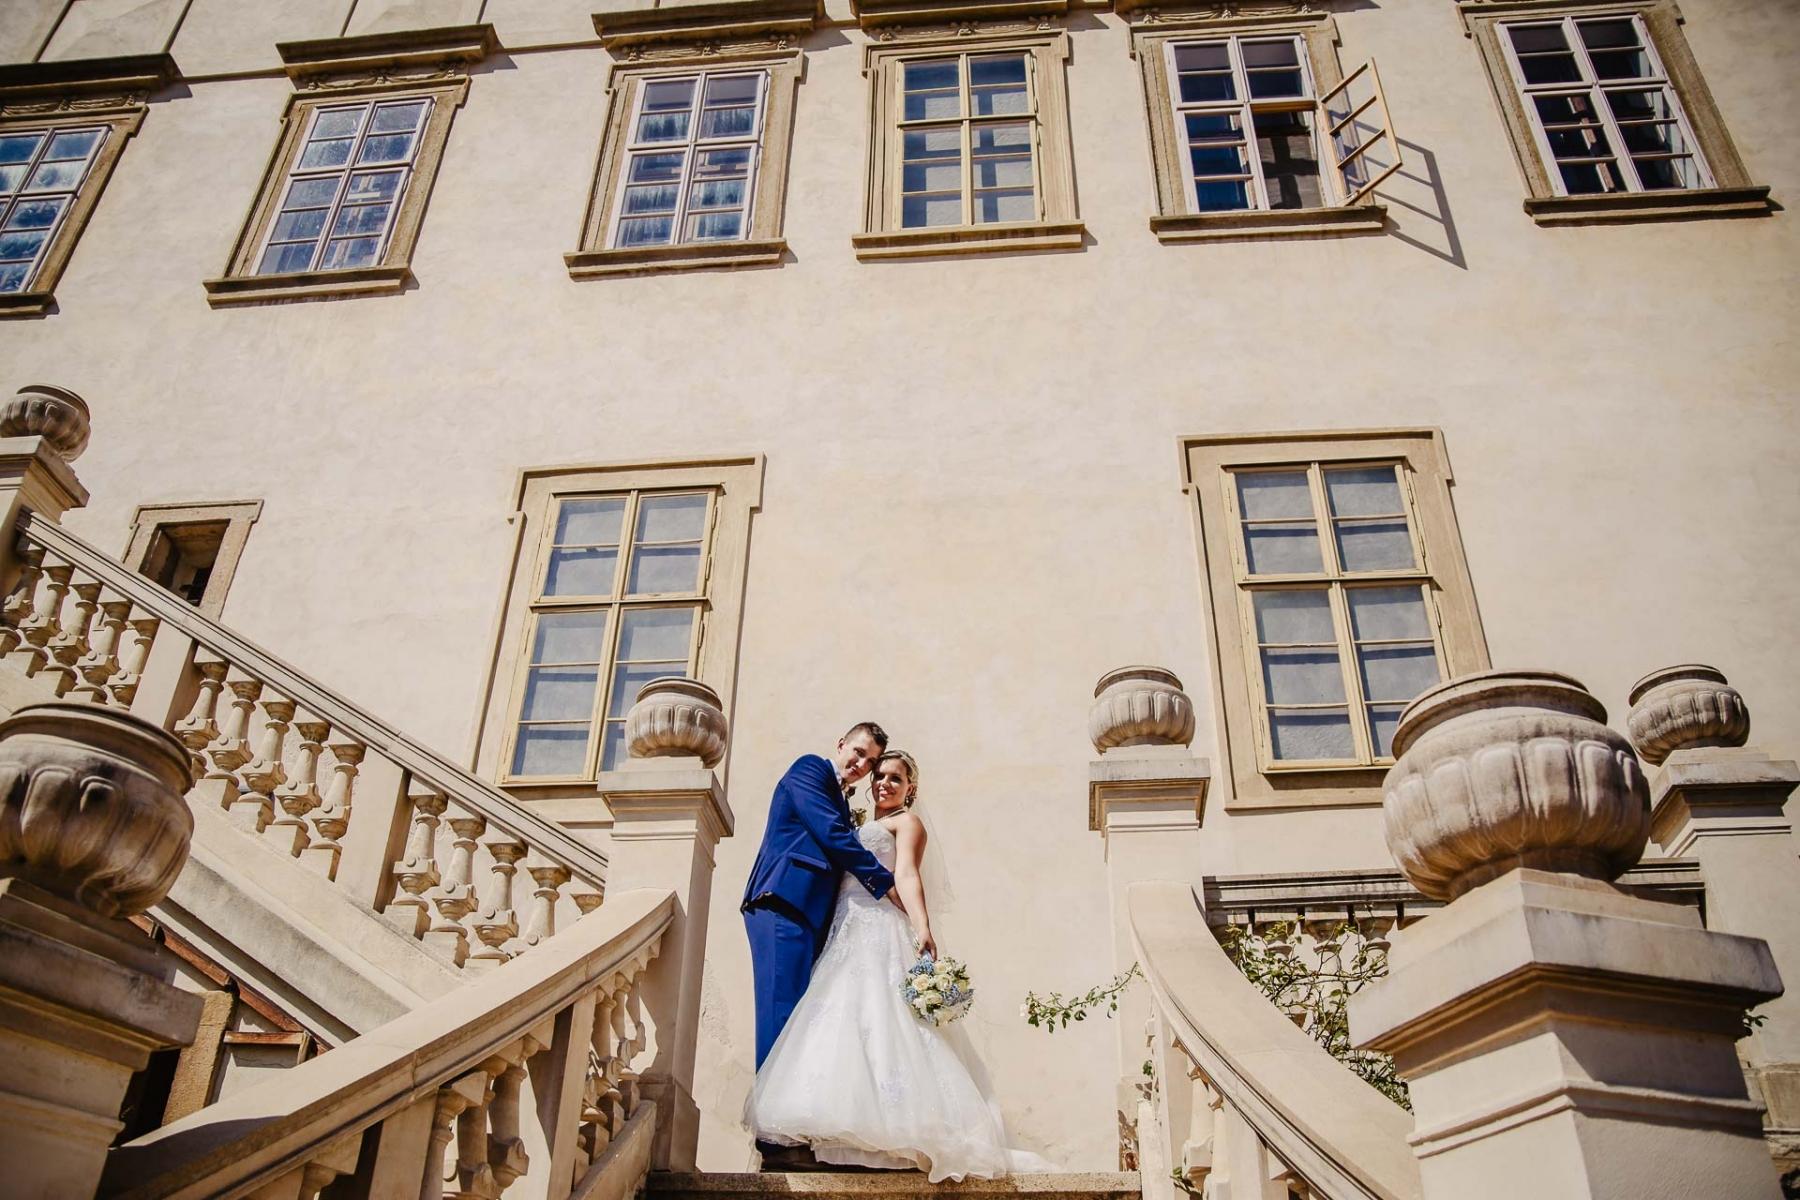 svatební fotograf zámek Mníšek pod Brdy, svatba na zámku, letní nejkrásnější zámecká svatba, Bára a Ondra-91